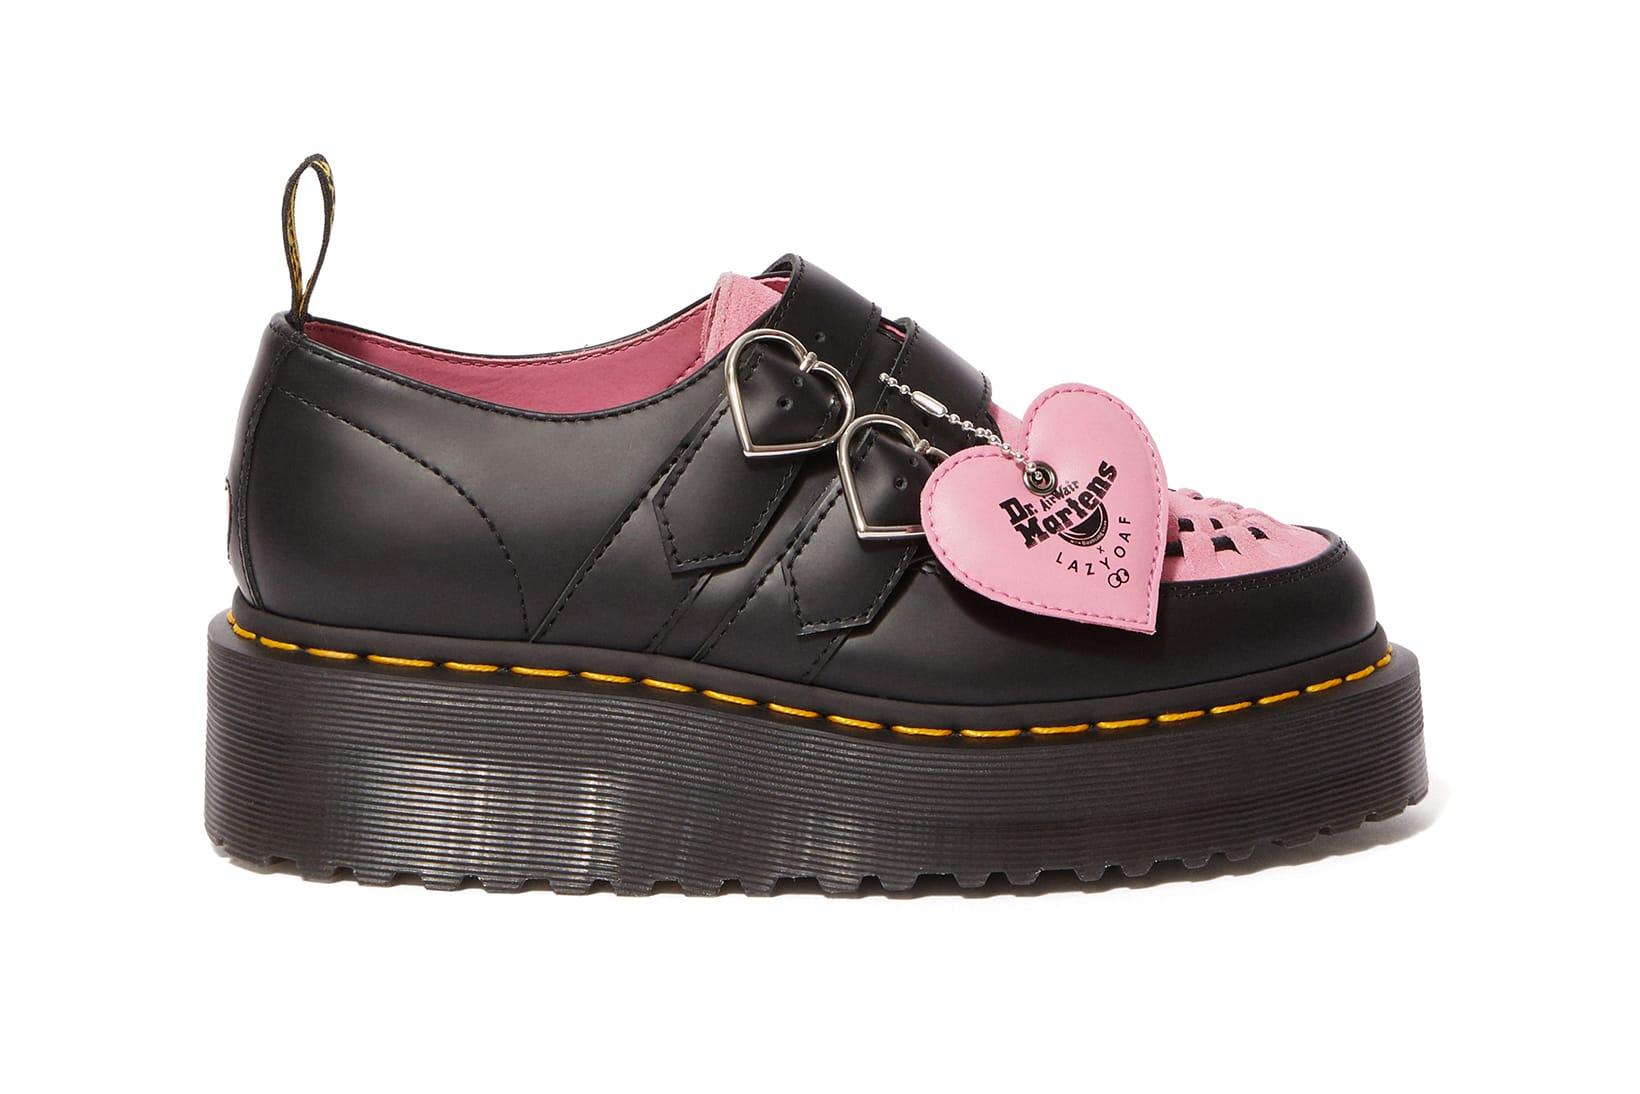 Lazy Oaf x Dr. Martens Boots \u0026 Vegan